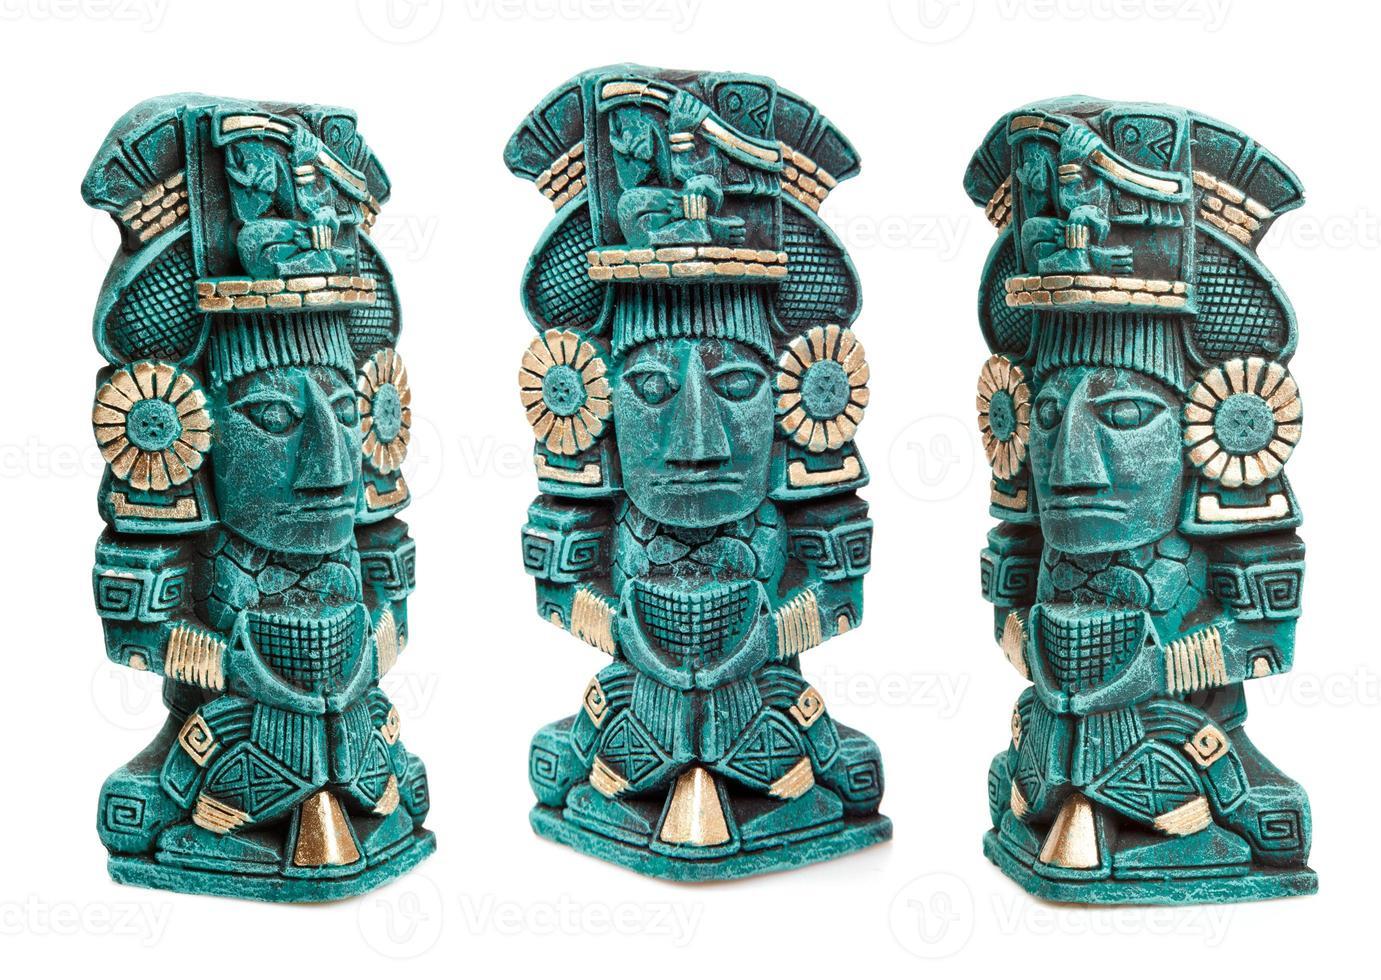 Maya godheid standbeeld uit Mexico geïsoleerd foto